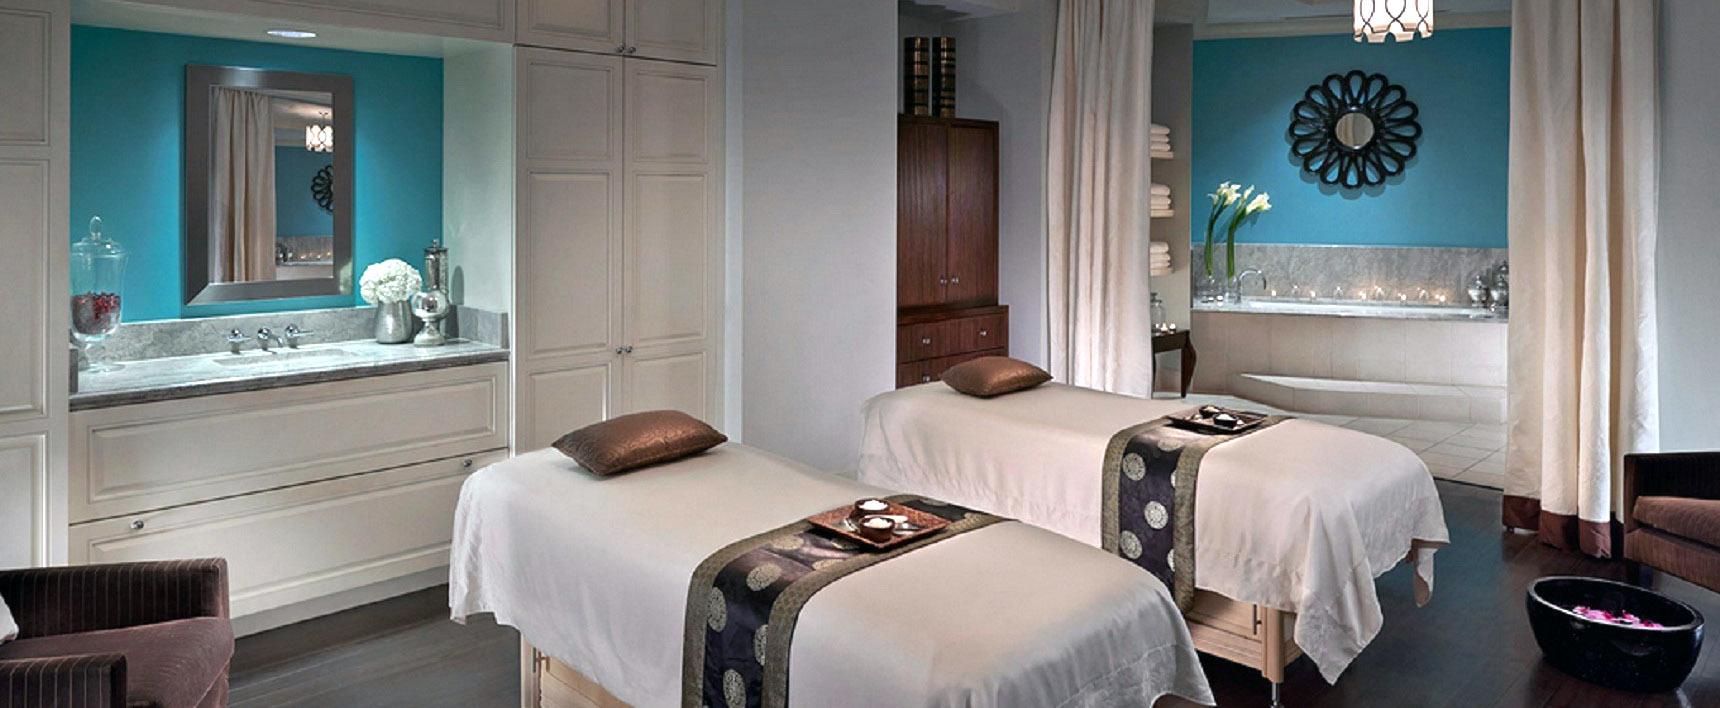 Area massaggi di una SPA